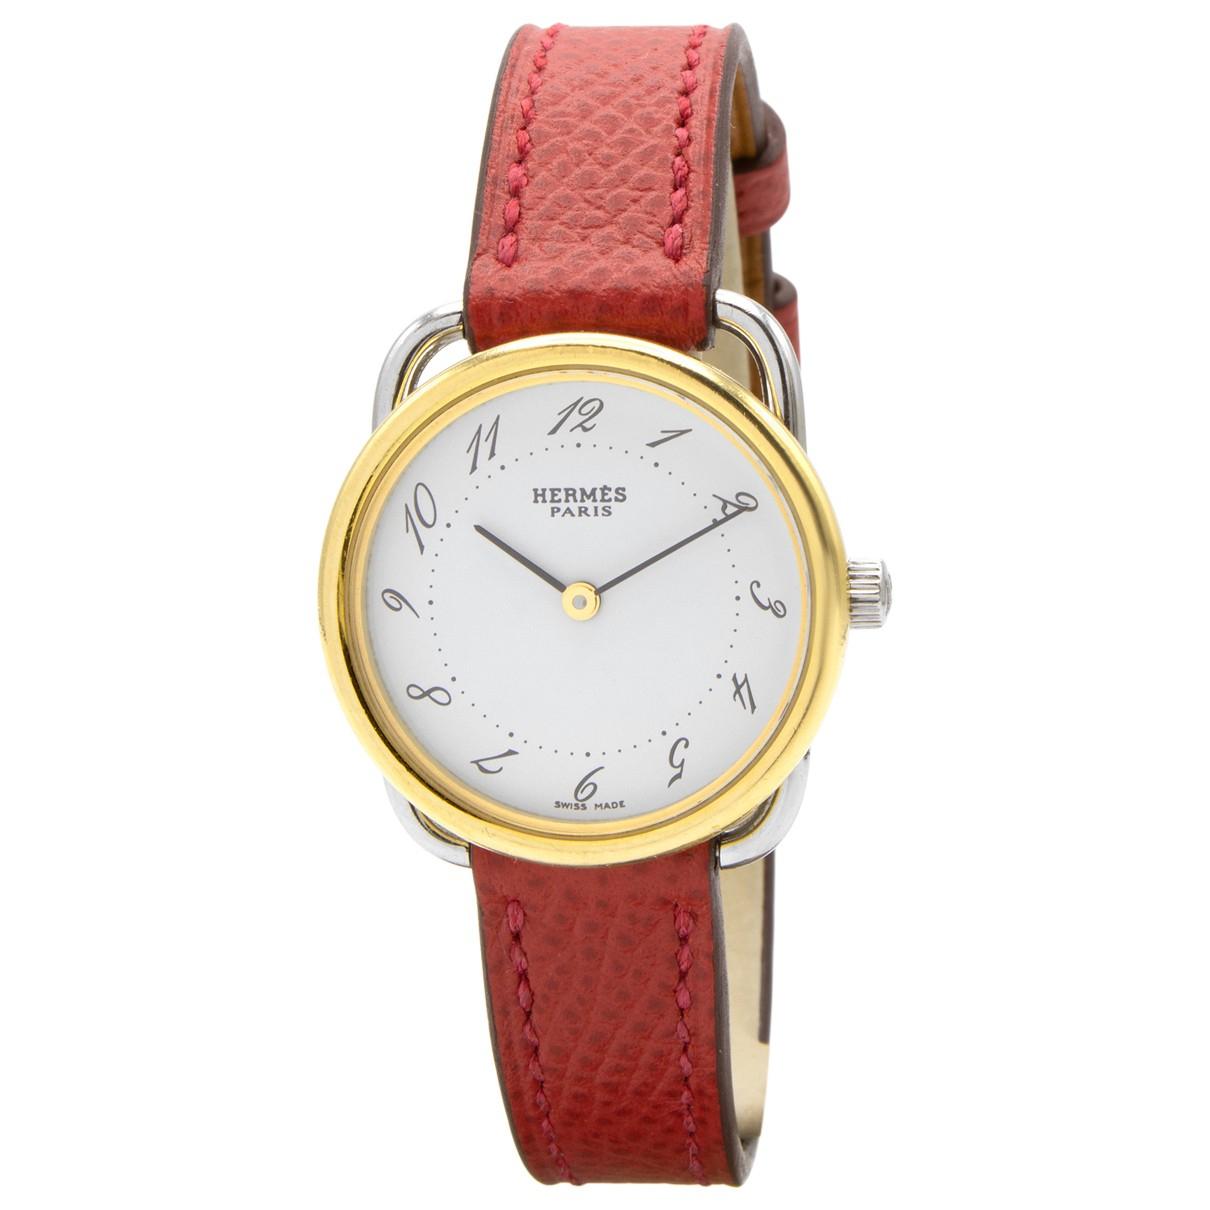 Hermes - Montre Arceau pour femme en plaque or - rouge